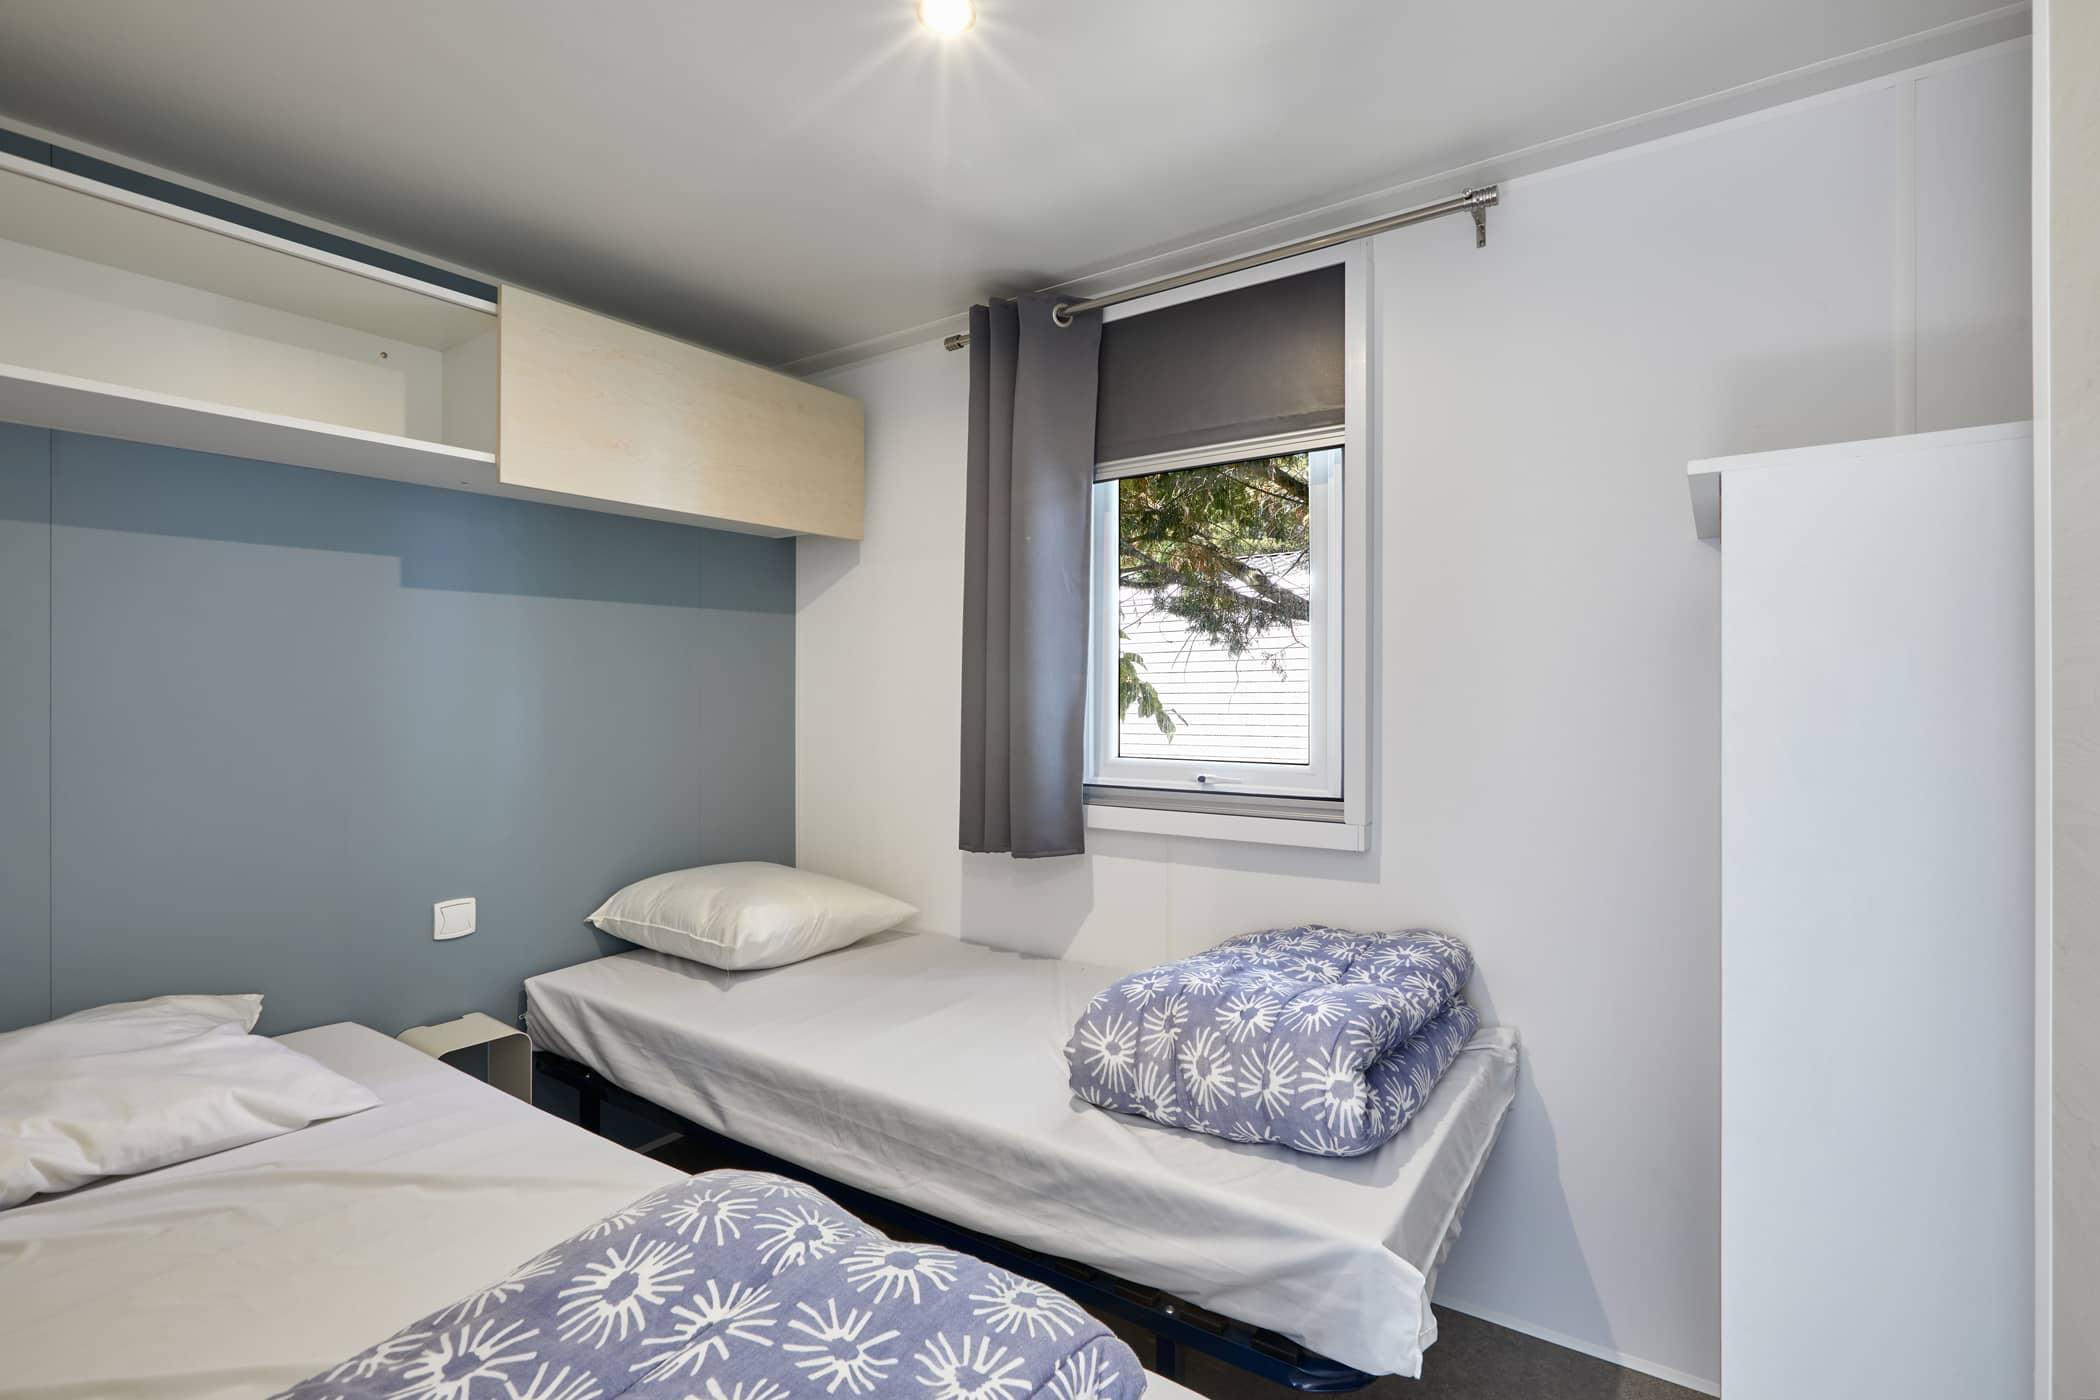 chambre lits jumeaux location 4 personnes proche de la mer